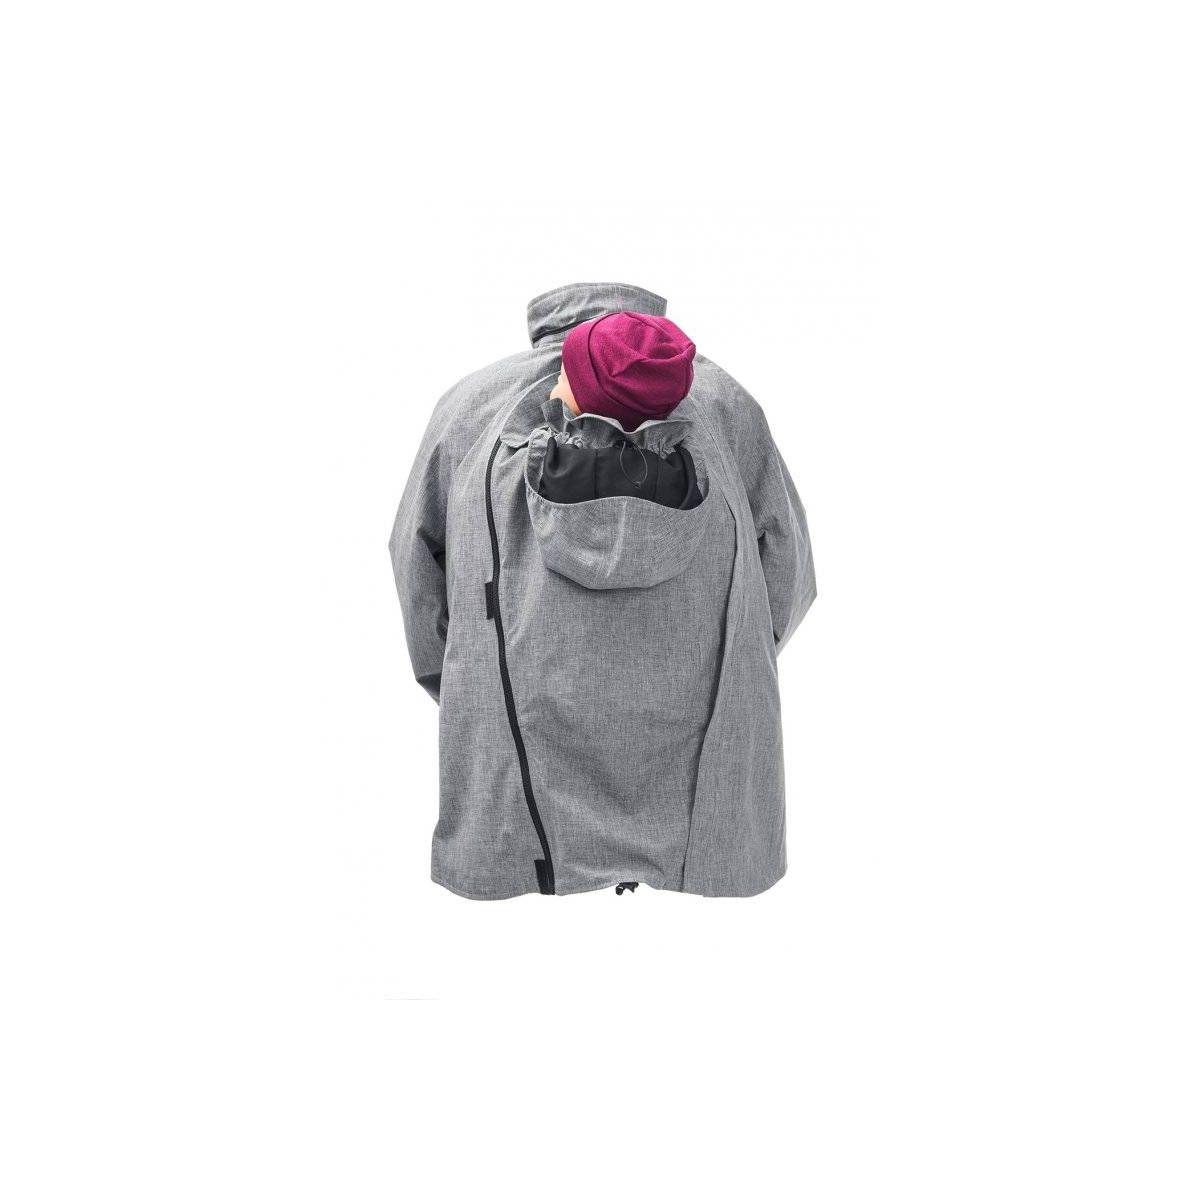 Veste de grossesse et de portage hiver gris sebio for Photo grossesse exterieur hiver